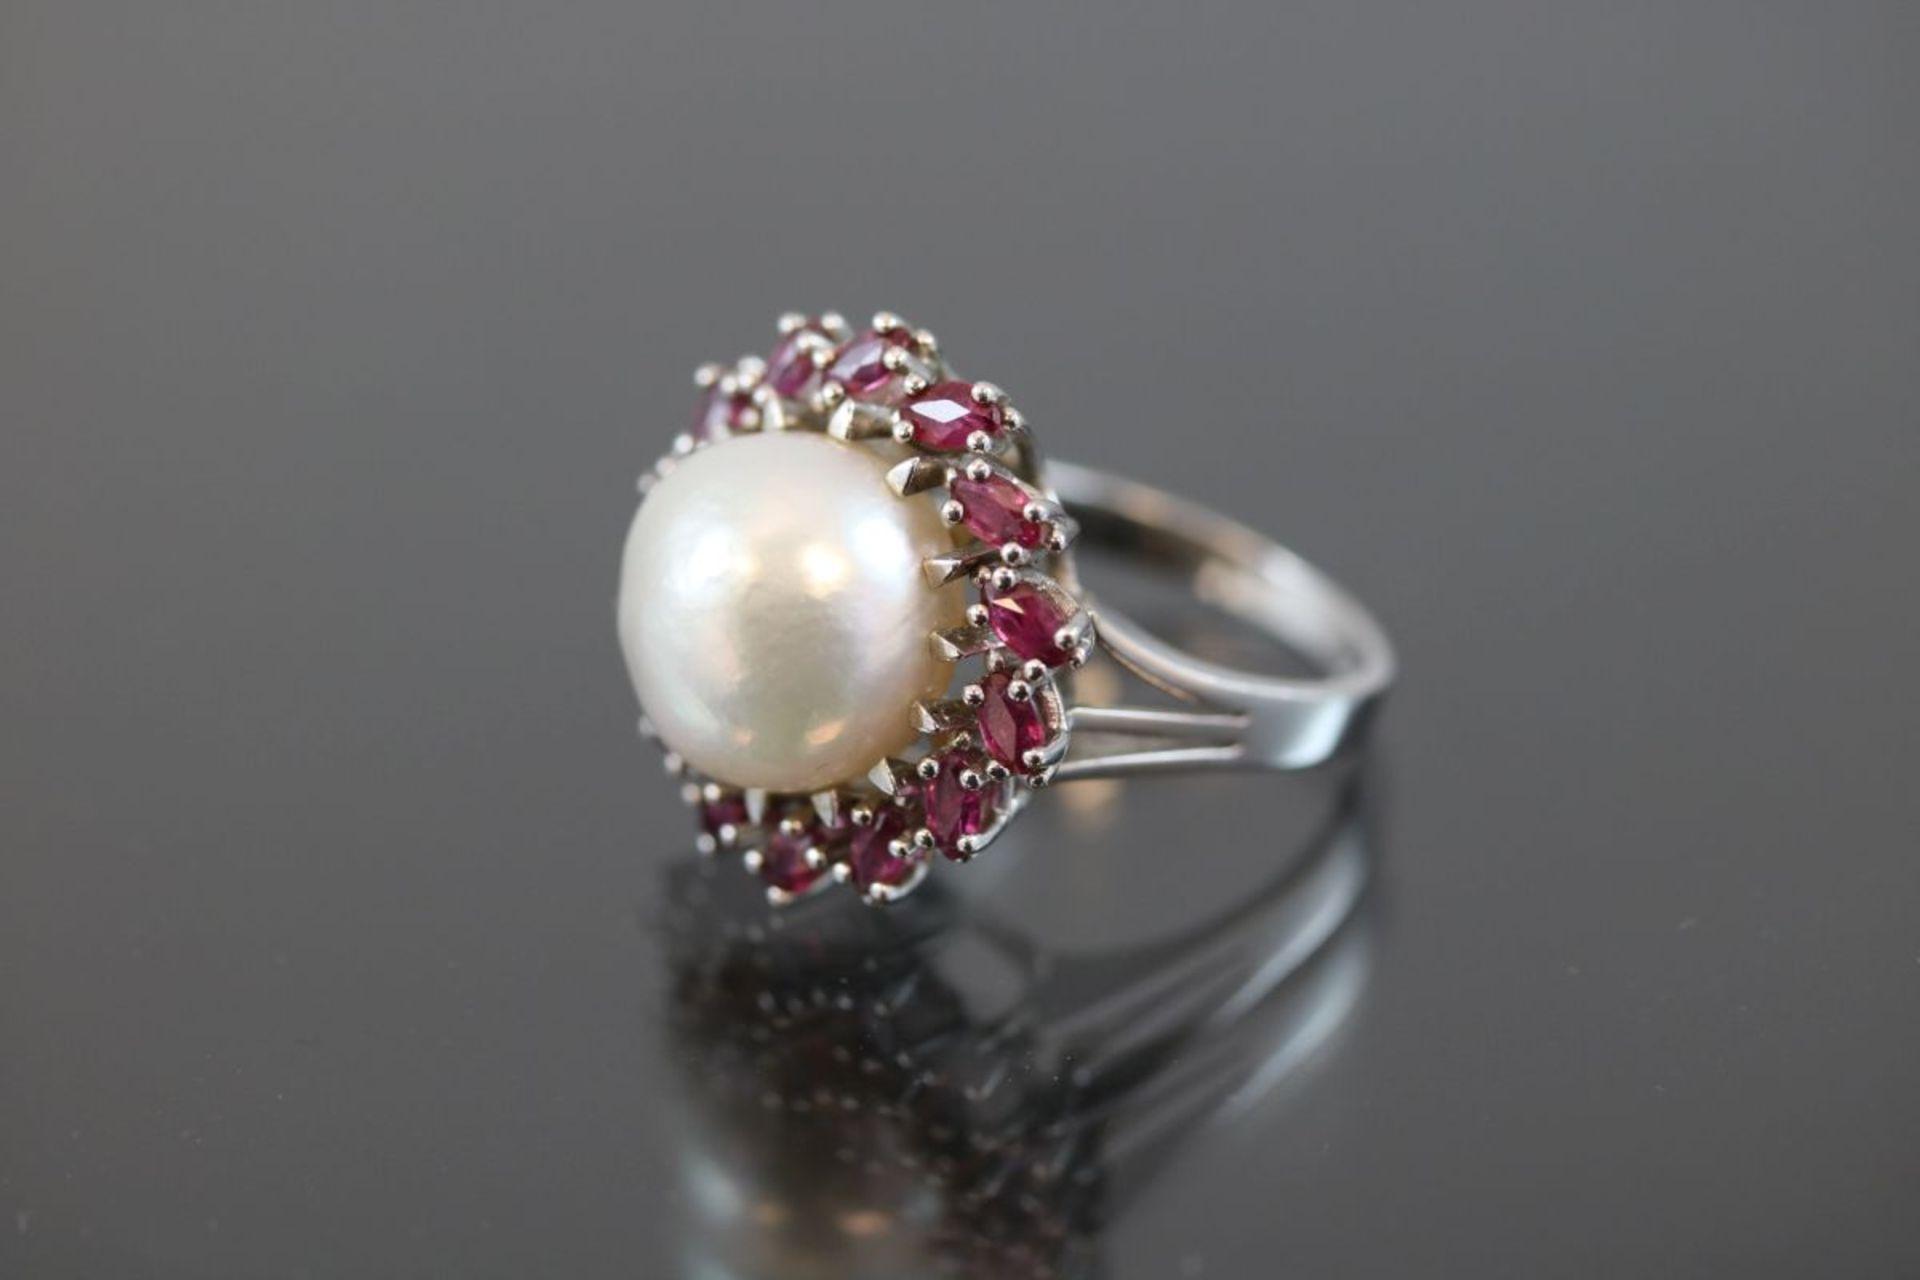 Mabeperl-Rubin-Ring, 585 Weißgold8,75 Gramm 14 Rubine, ca. 1 ct., Ringgröße: 54Schätzpreis: 2200,- - Bild 2 aus 3